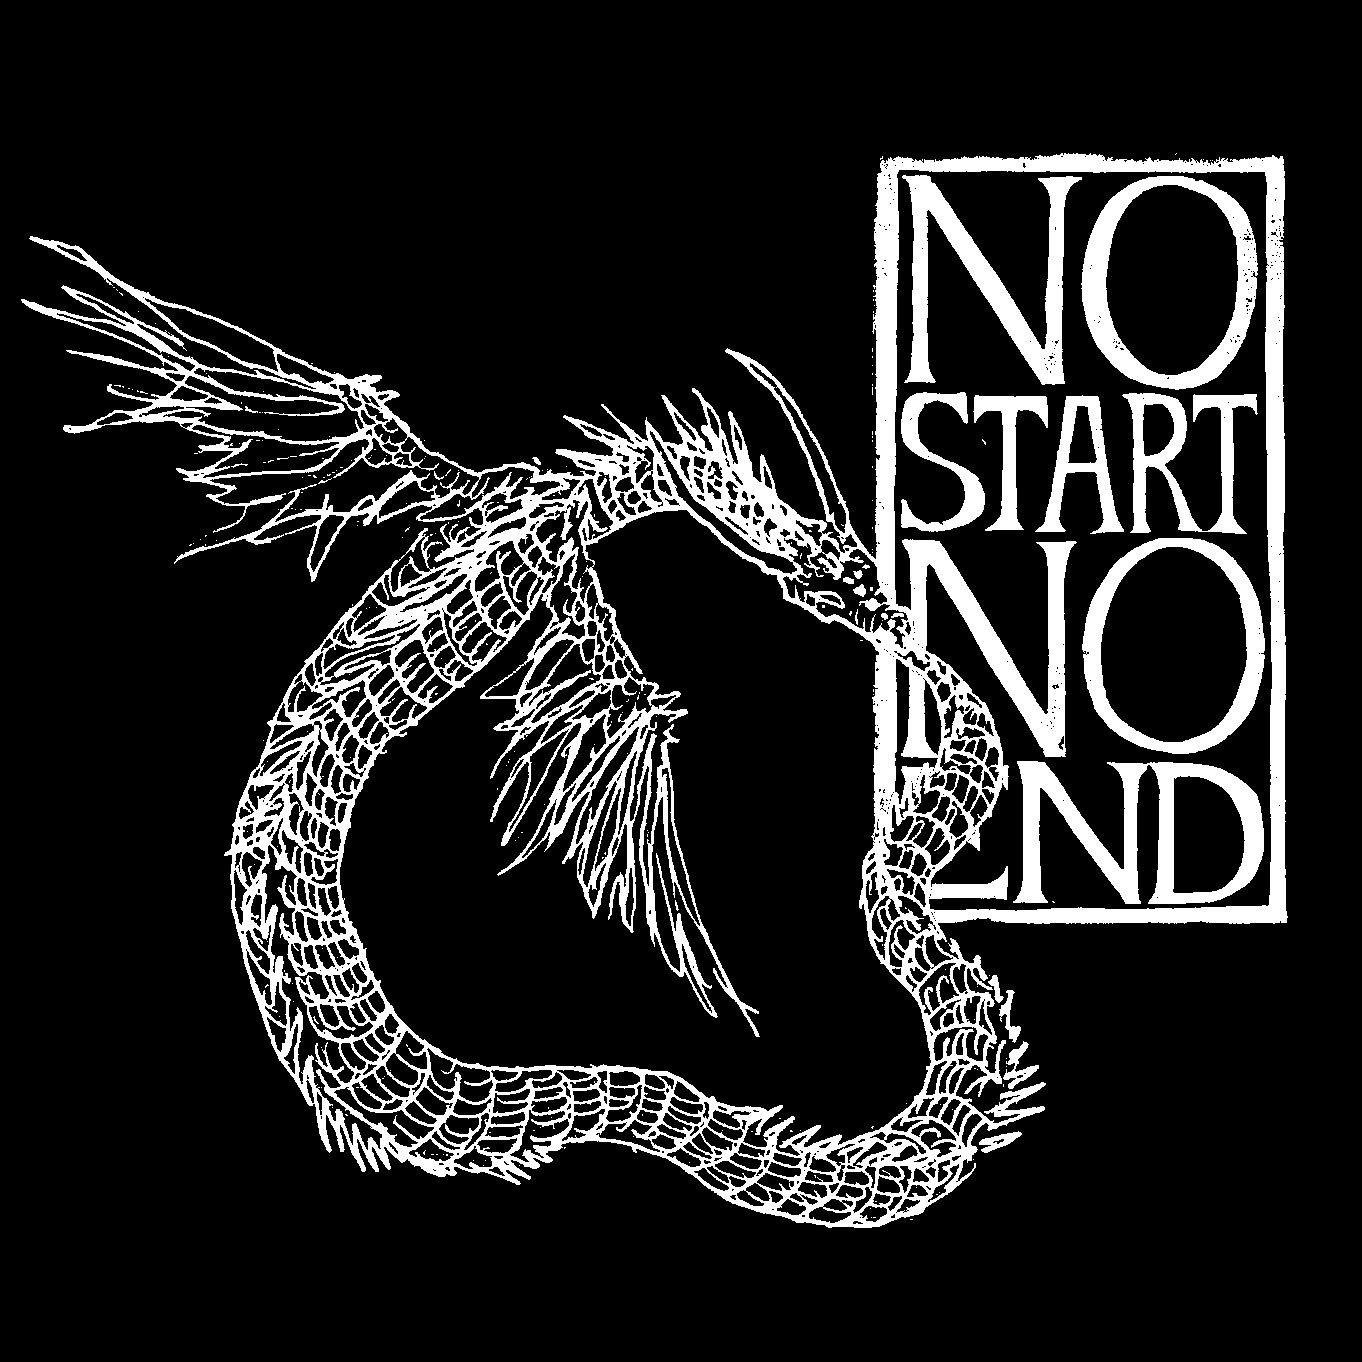 NO START NO END